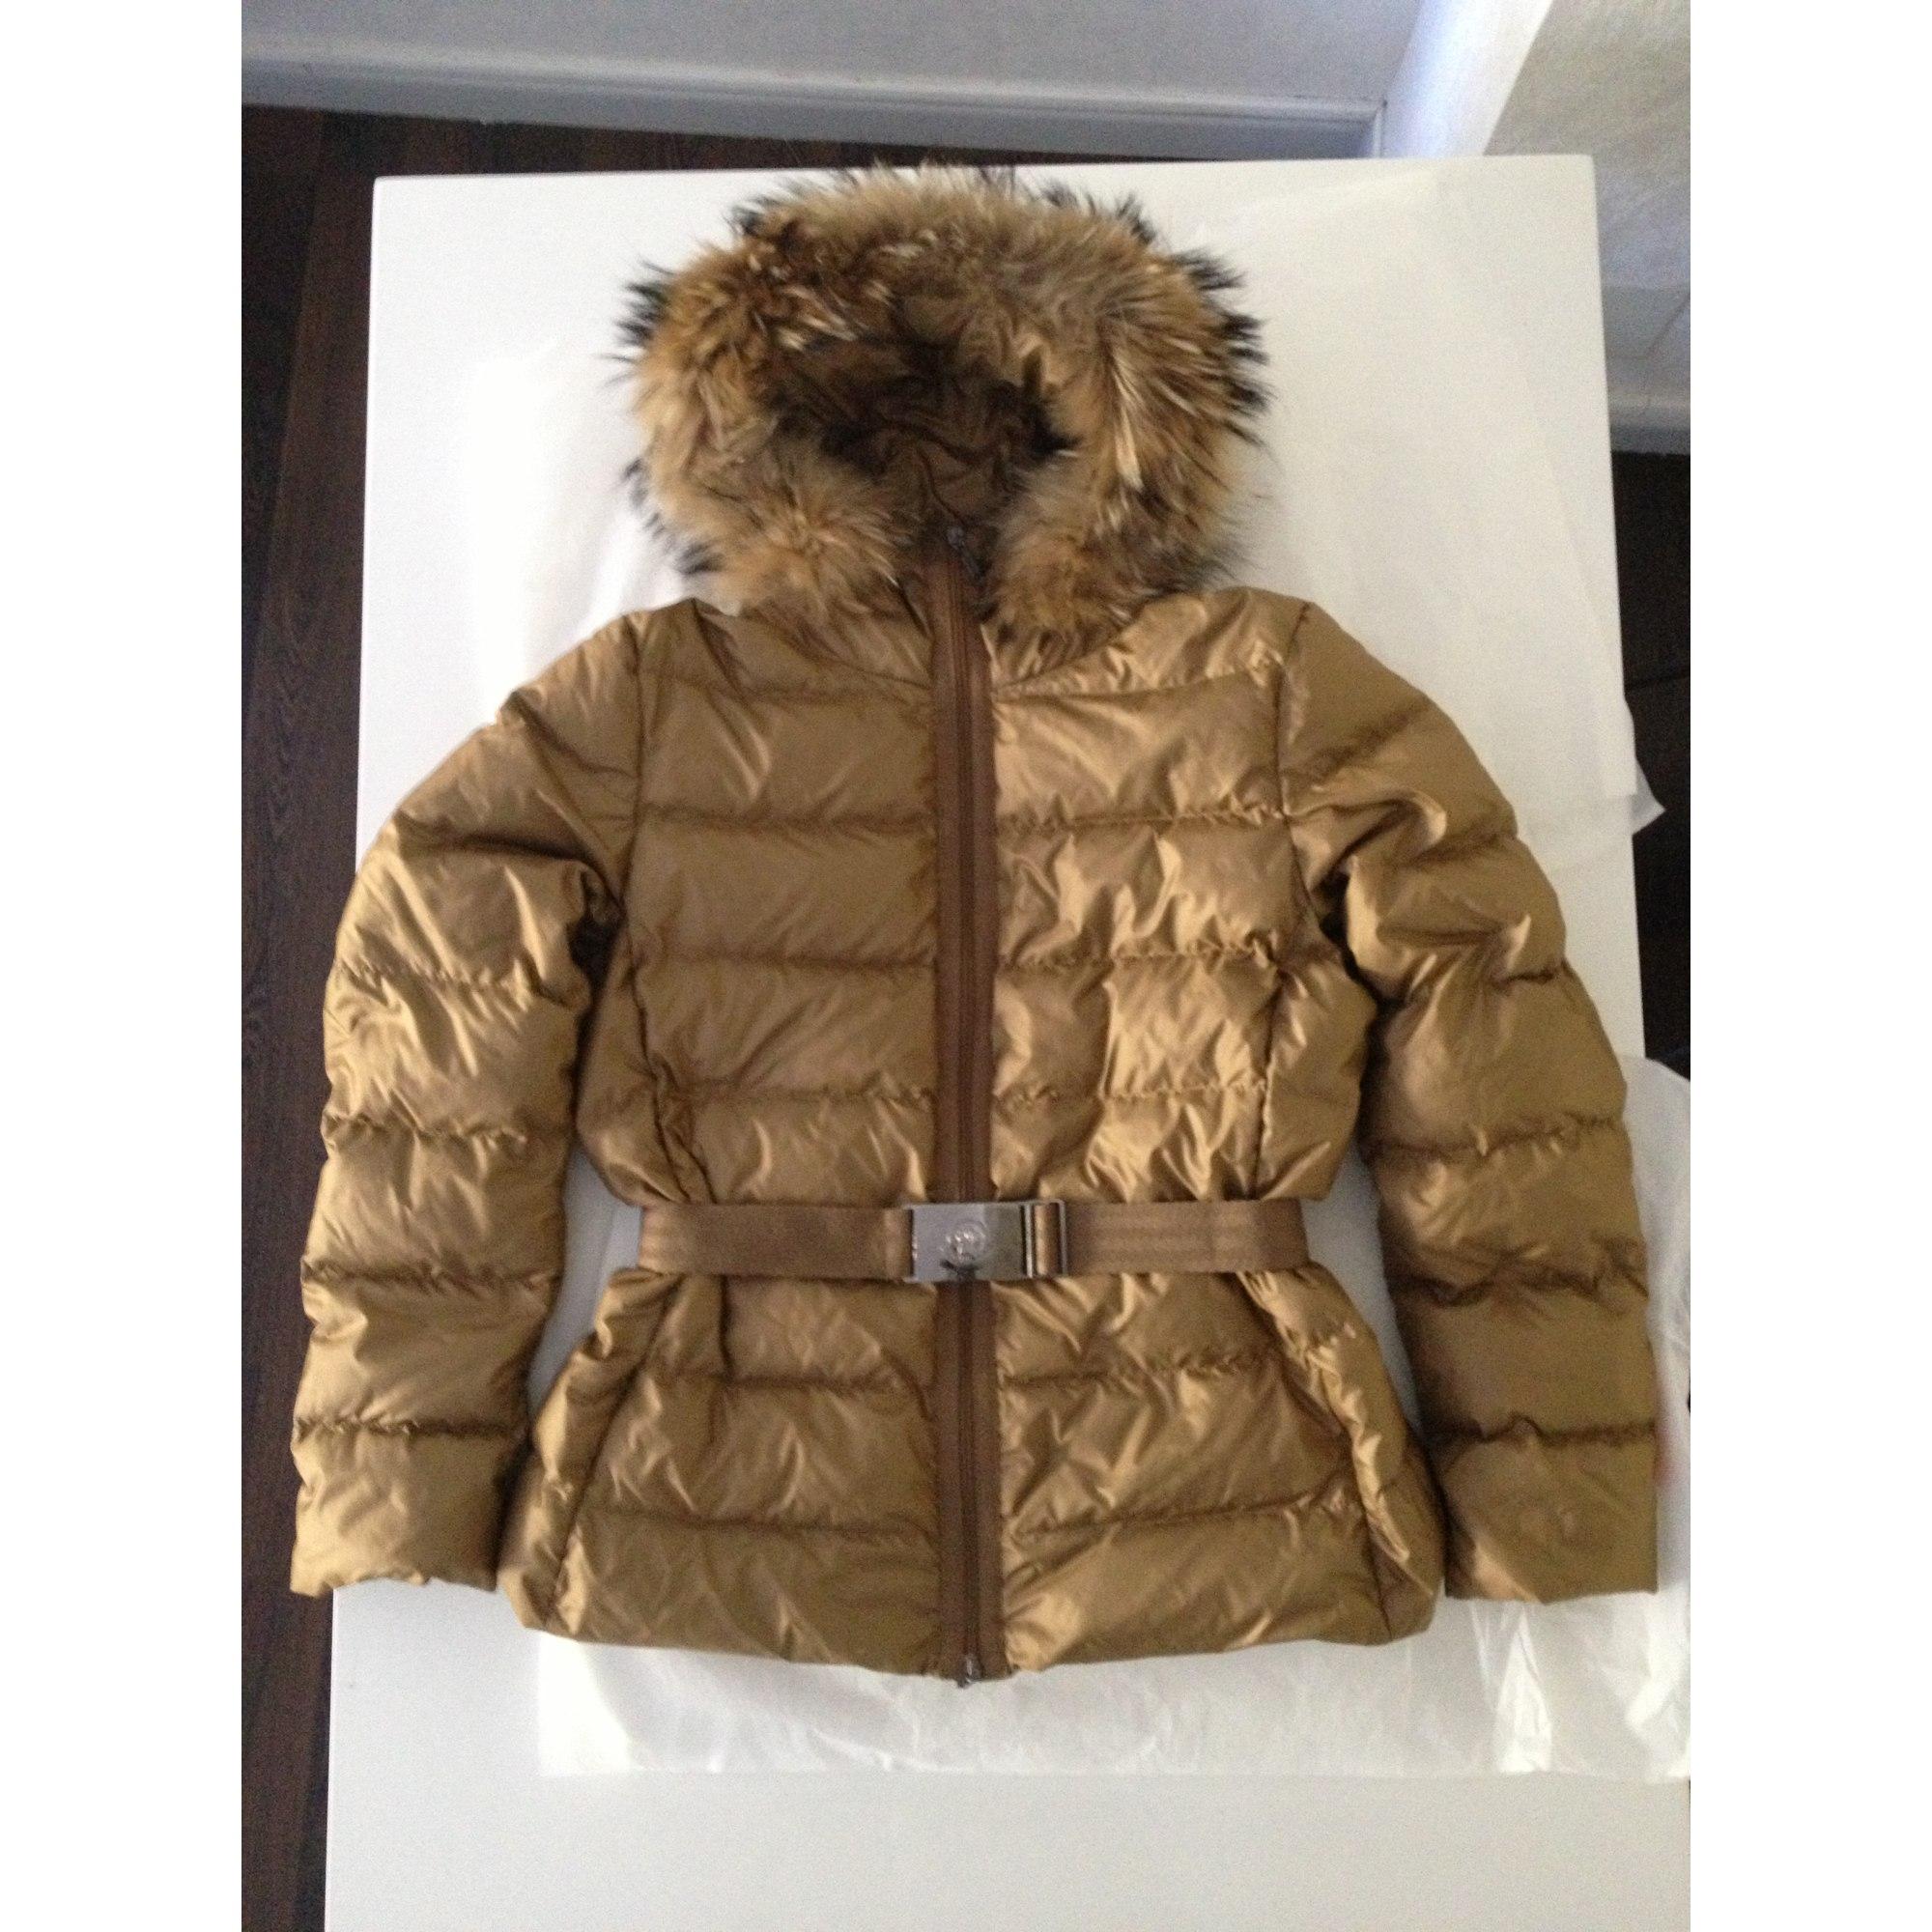 0001152172ff Doudoune MONCLER 44 (XL XXL, T5) doré vendu par Natalee177790 - 1779516